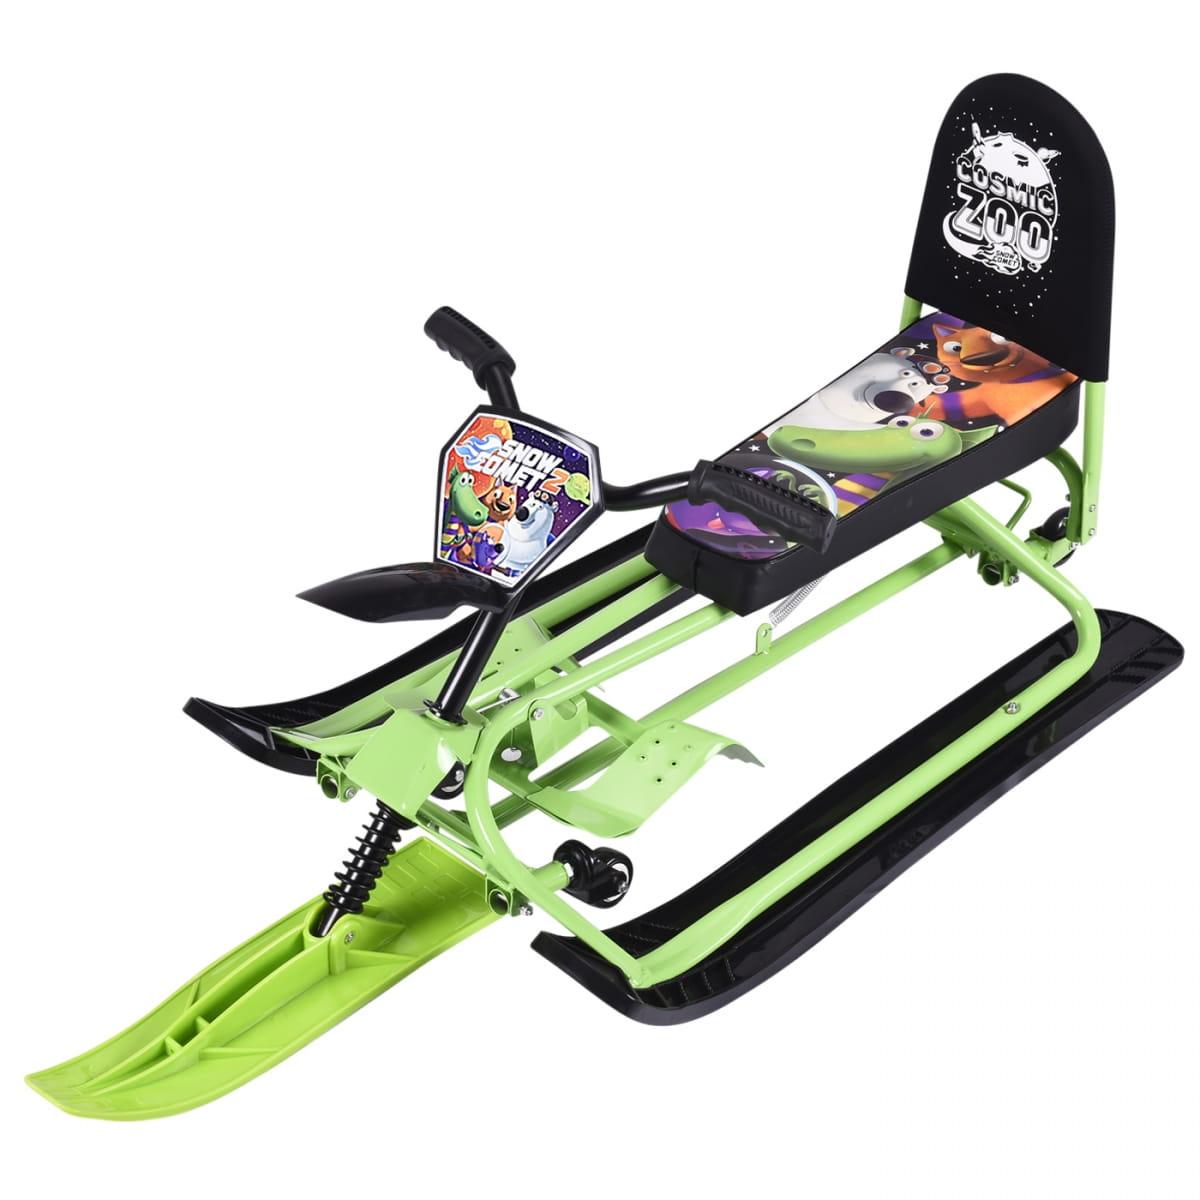 Детский снегокат-трансформер Small Rider Snow Comet 2  зеленый - Снегокаты и санки